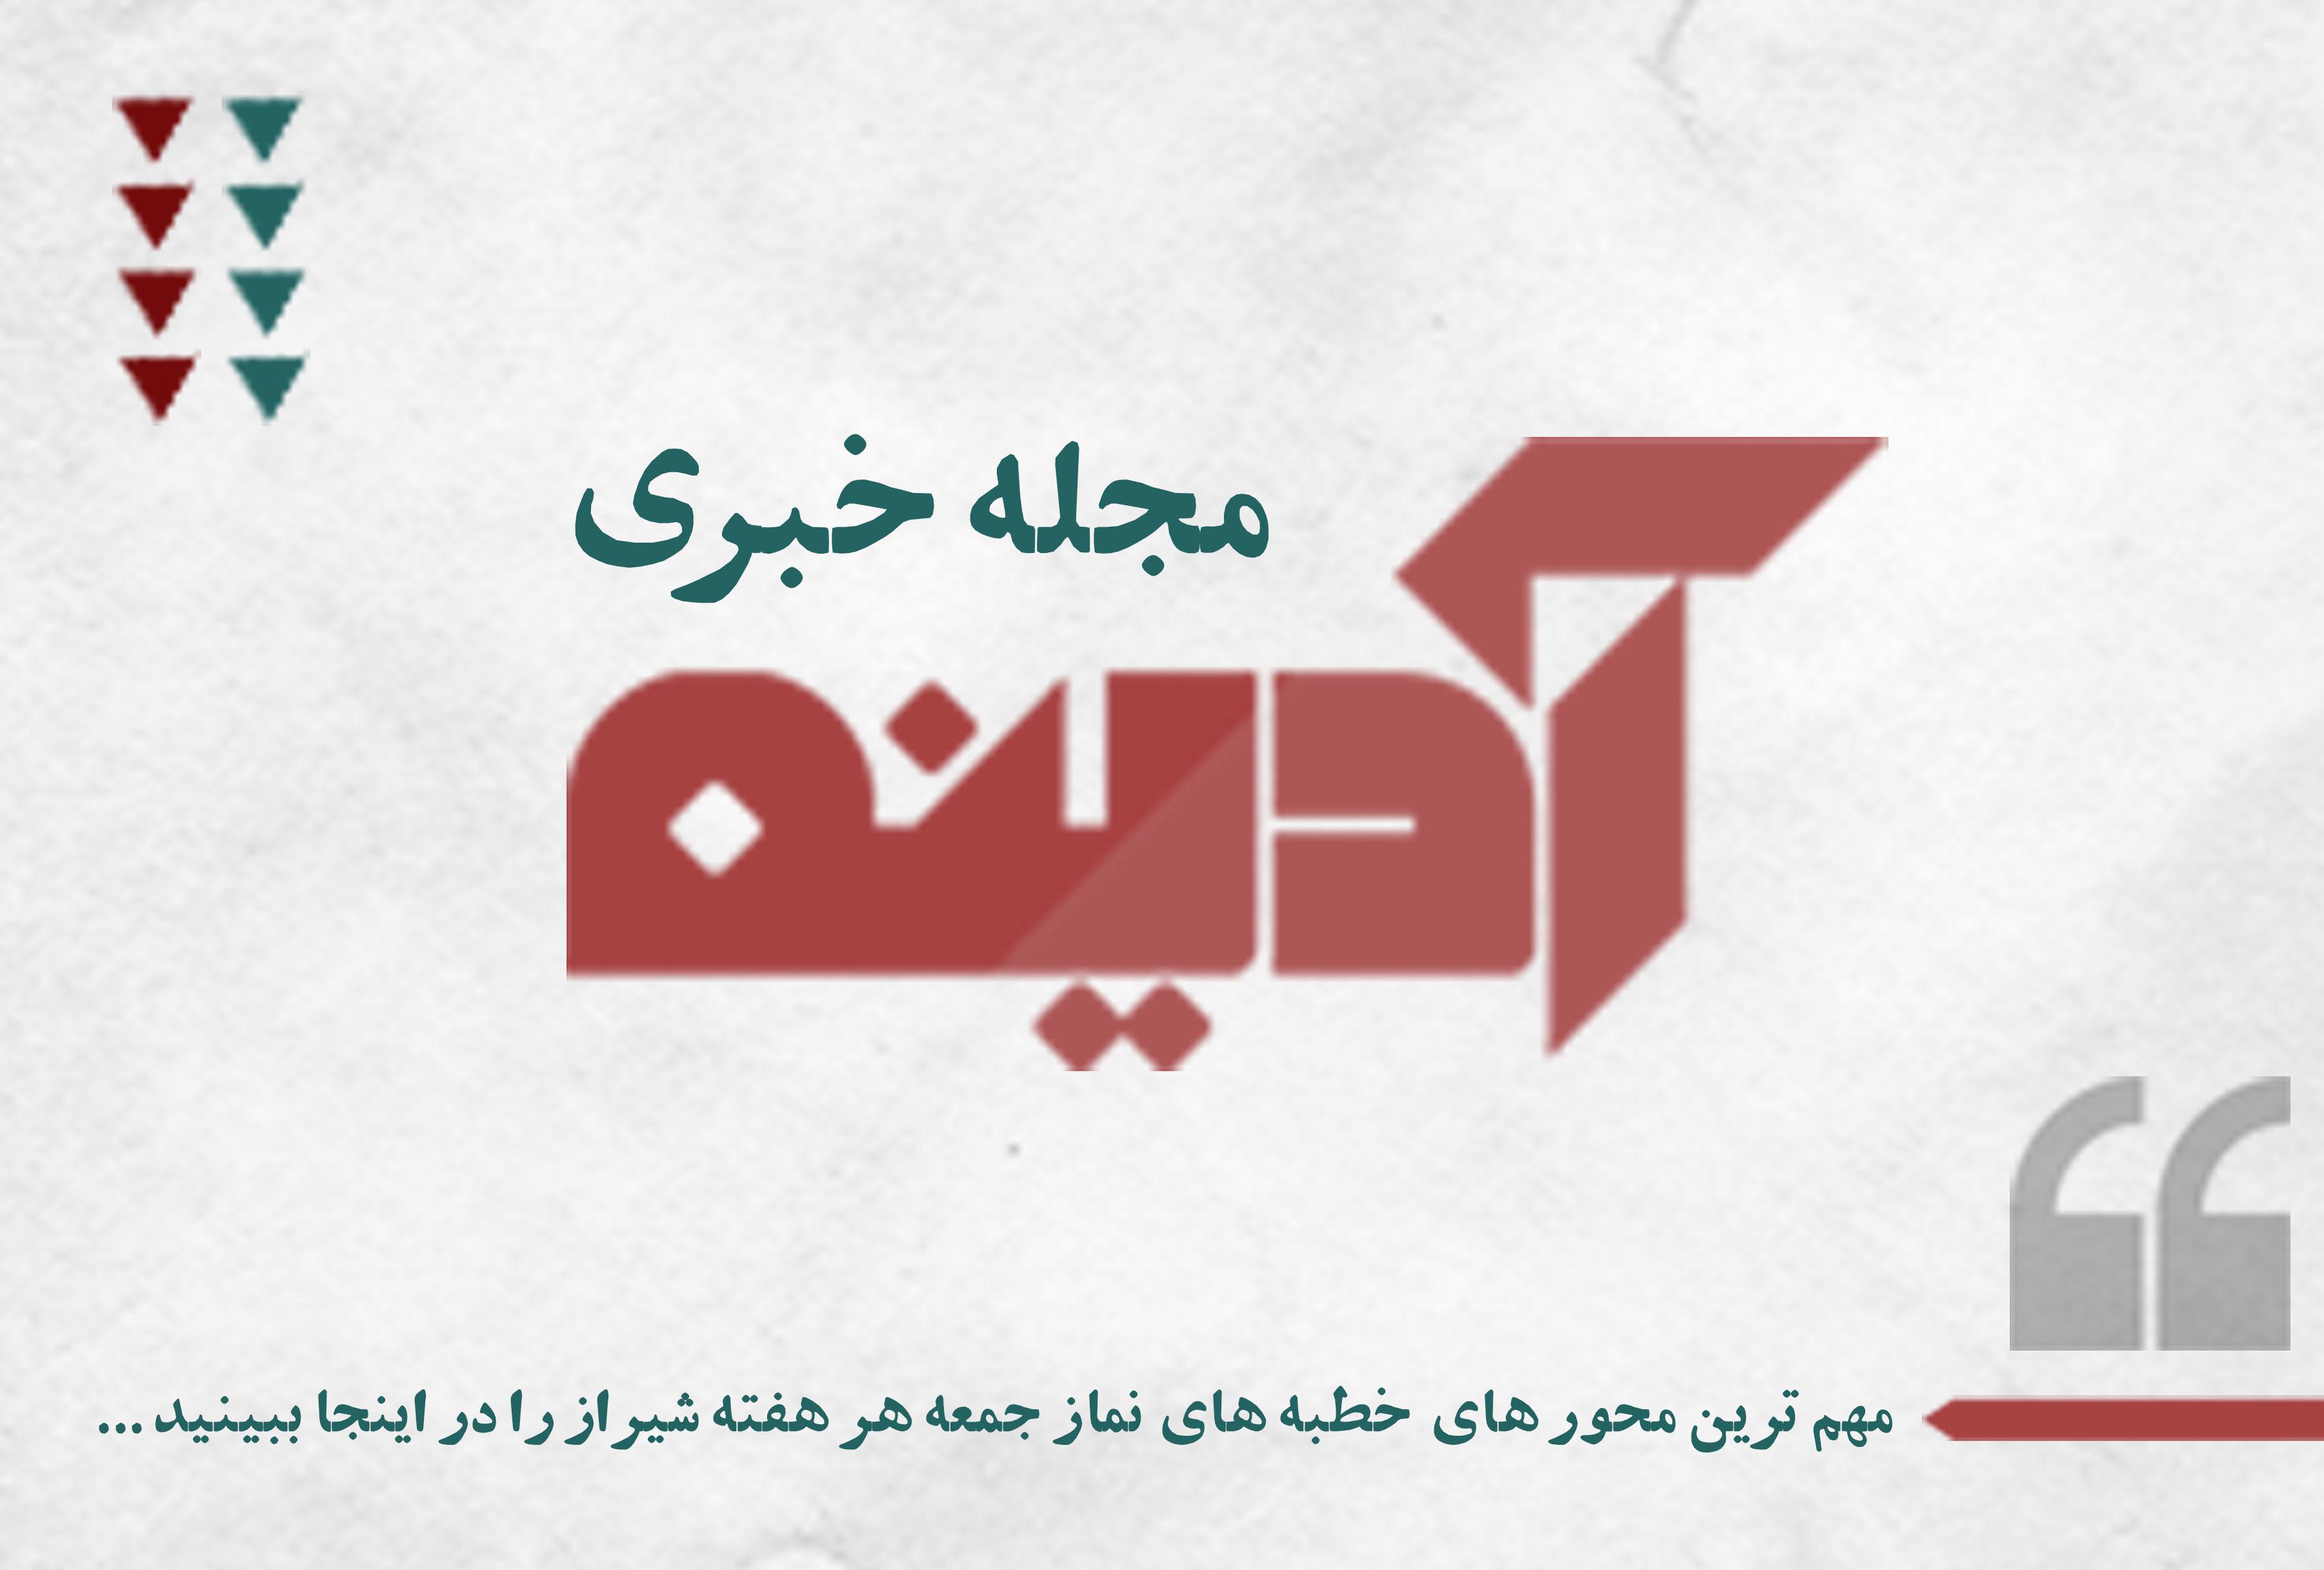 انتشار هشتمین نسخه مجله خبری آدینه